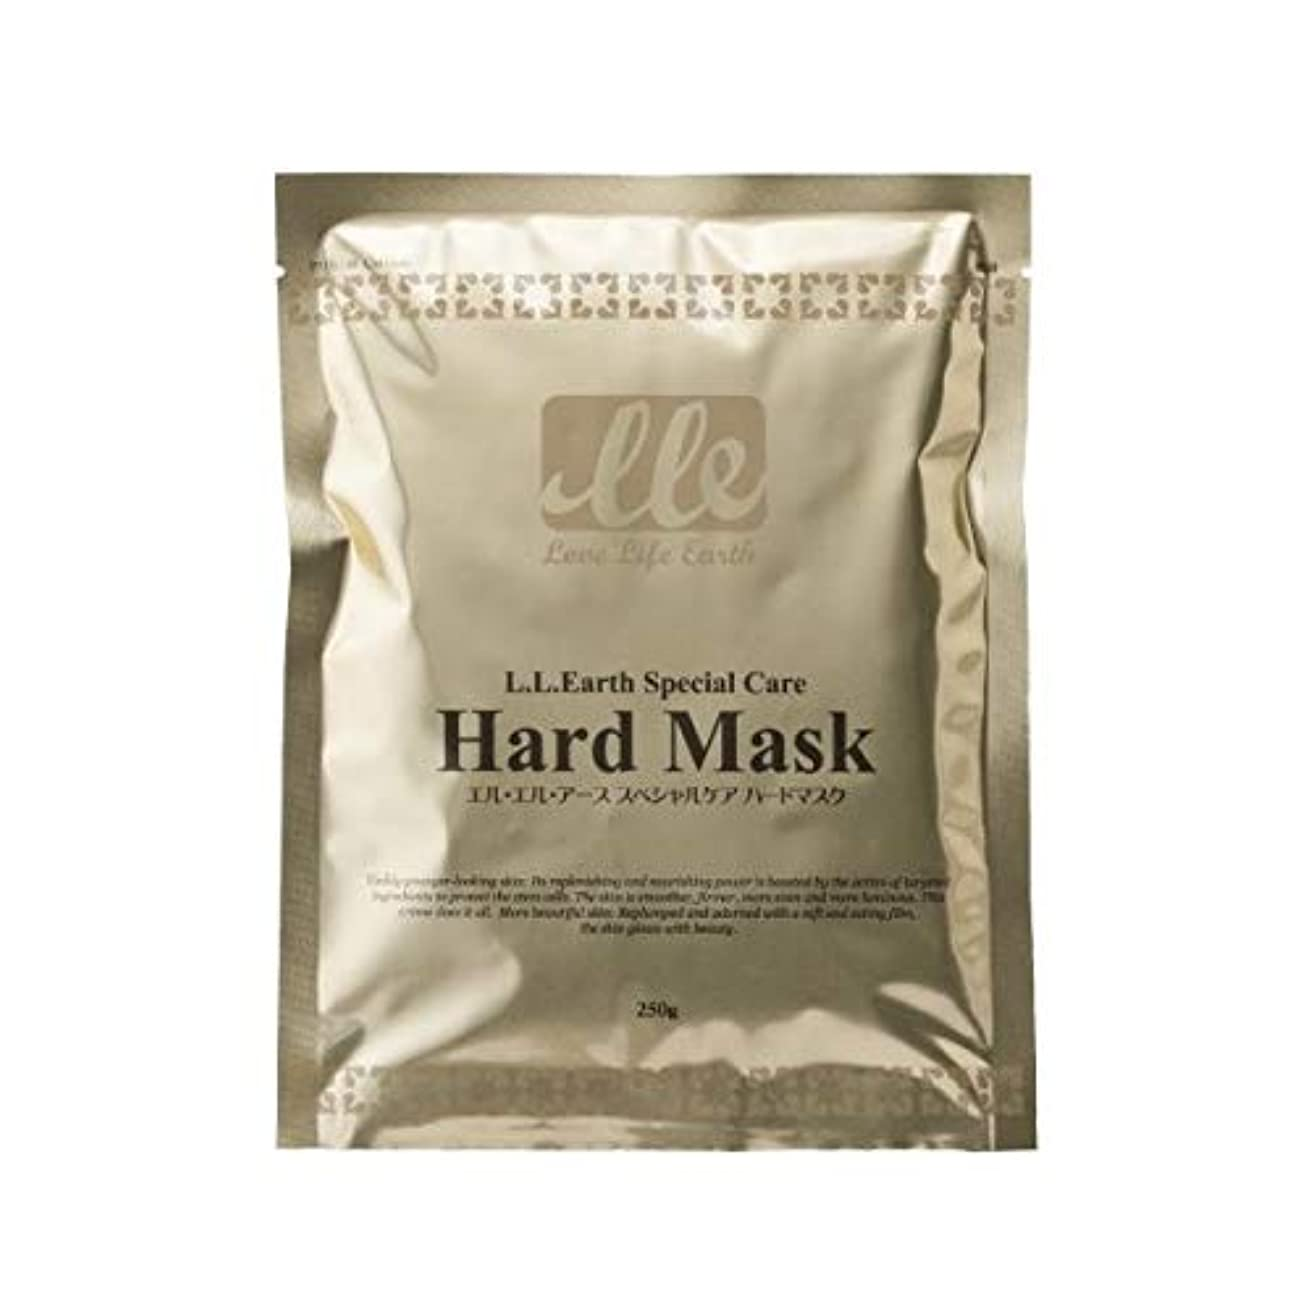 麻痺させるロバ胆嚢LLE ハードマスク 業務用 250g×5 石膏パック フェイスパック パック エステ用品